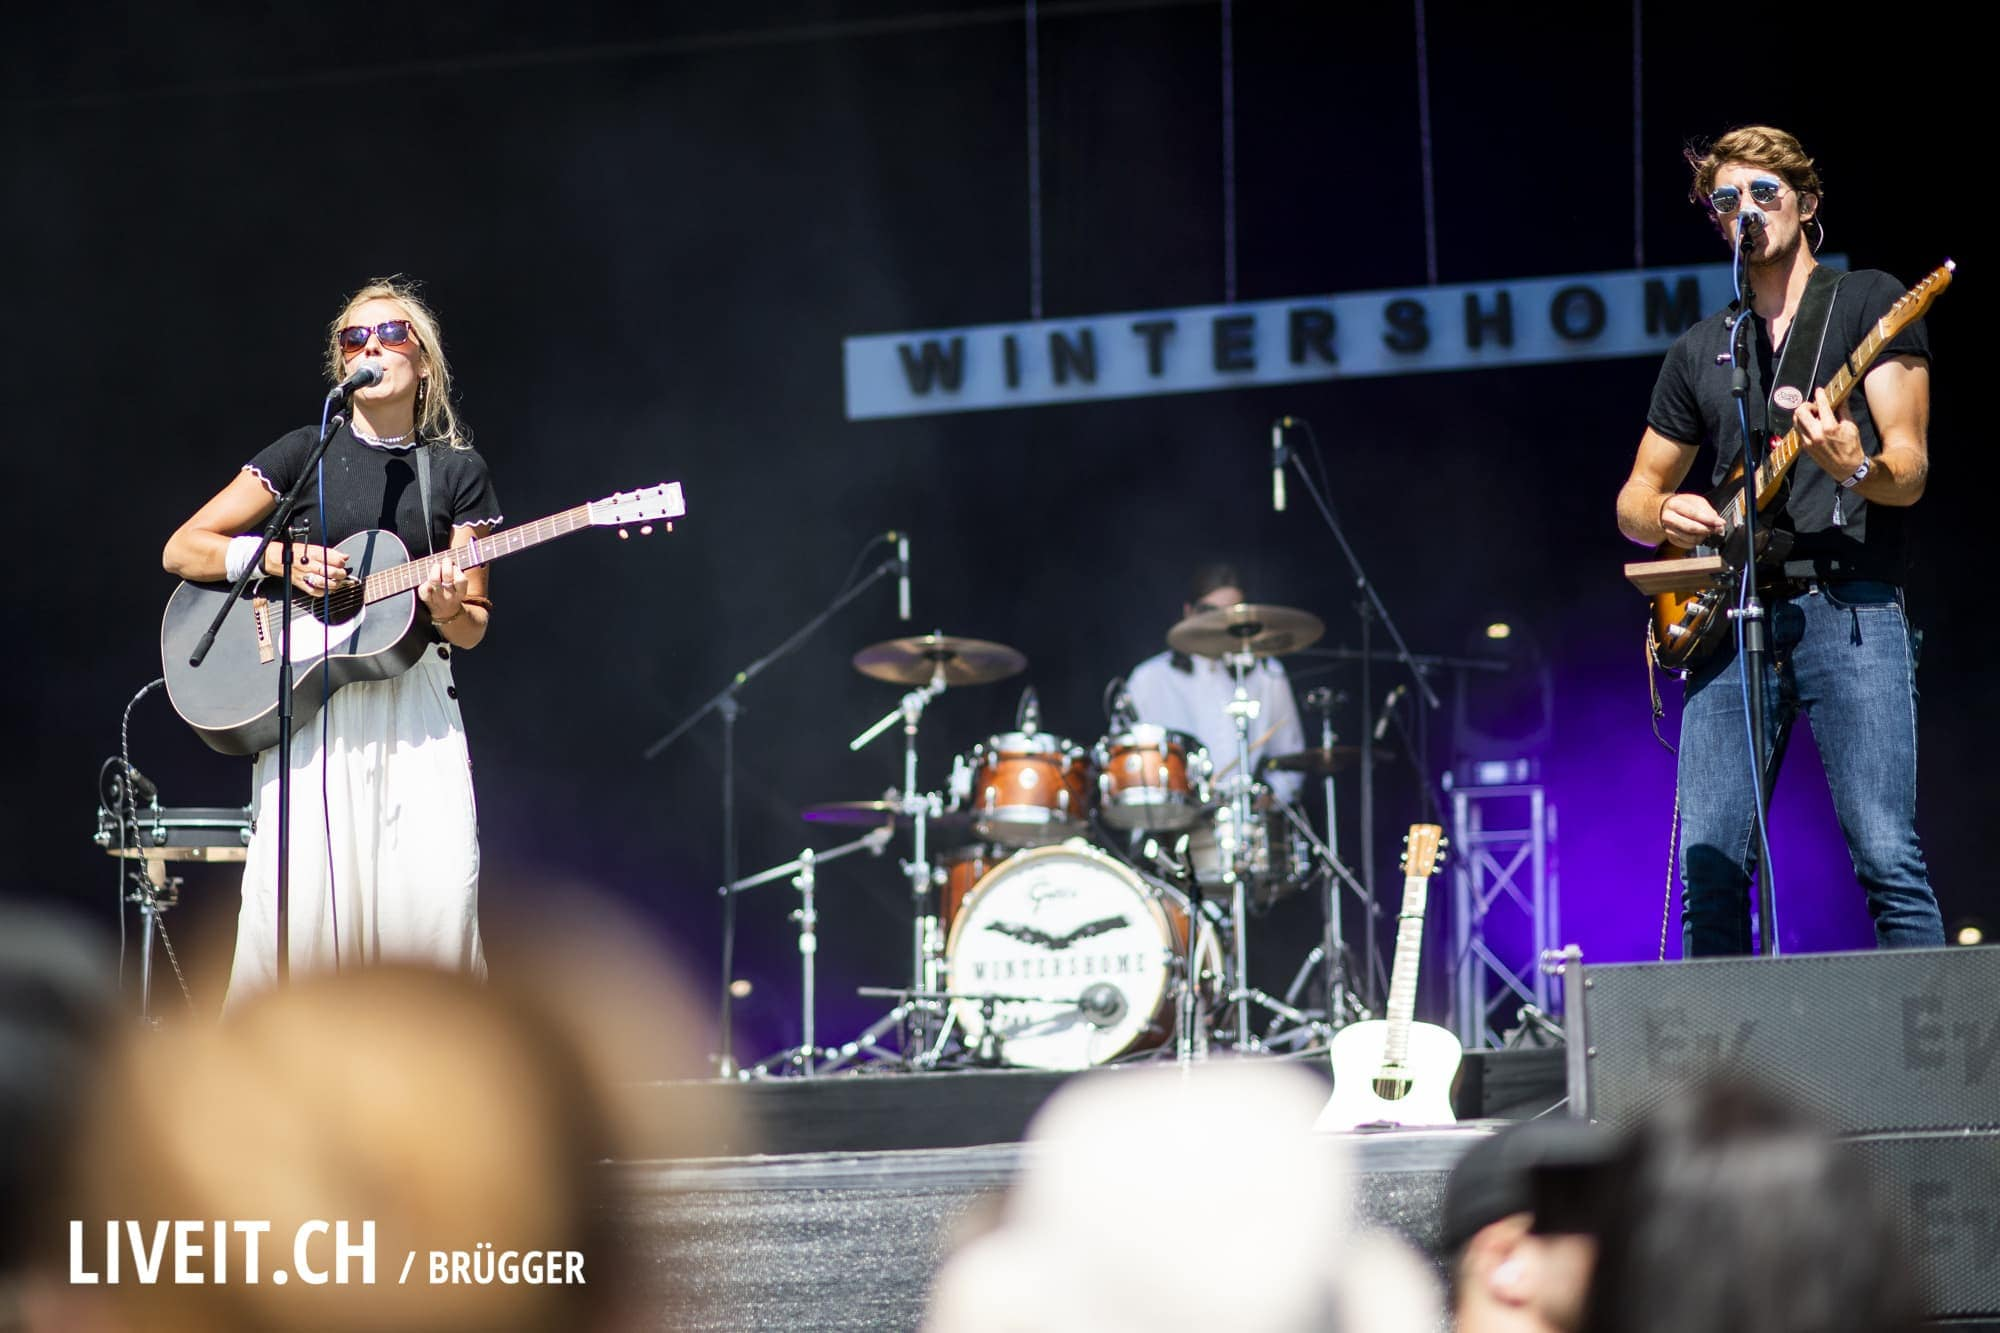 Wintershome fotografiert am Openair Gampel 2018. (Dominic Bruegger for liveit.ch)